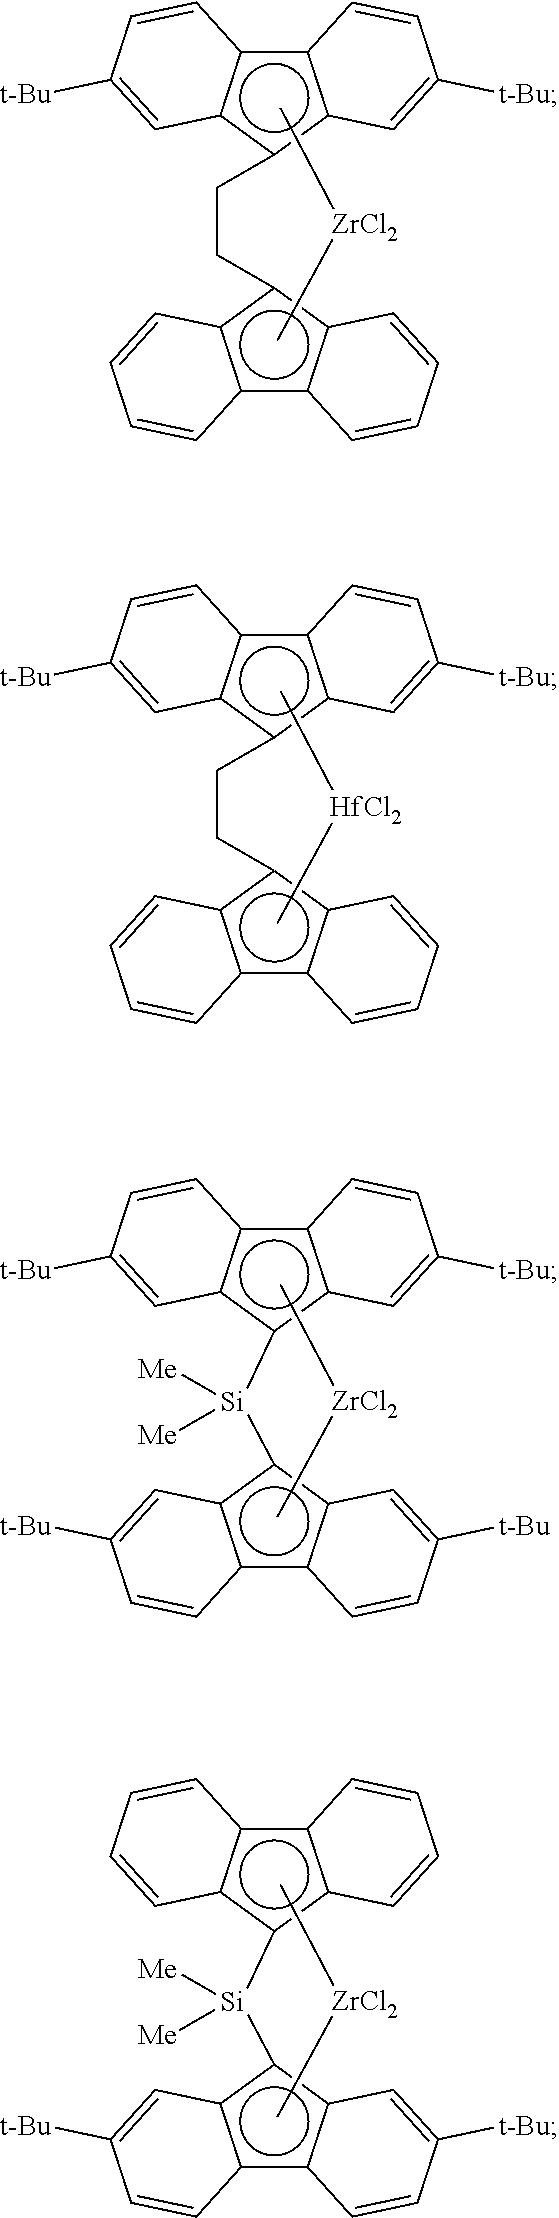 Figure US08501654-20130806-C00027